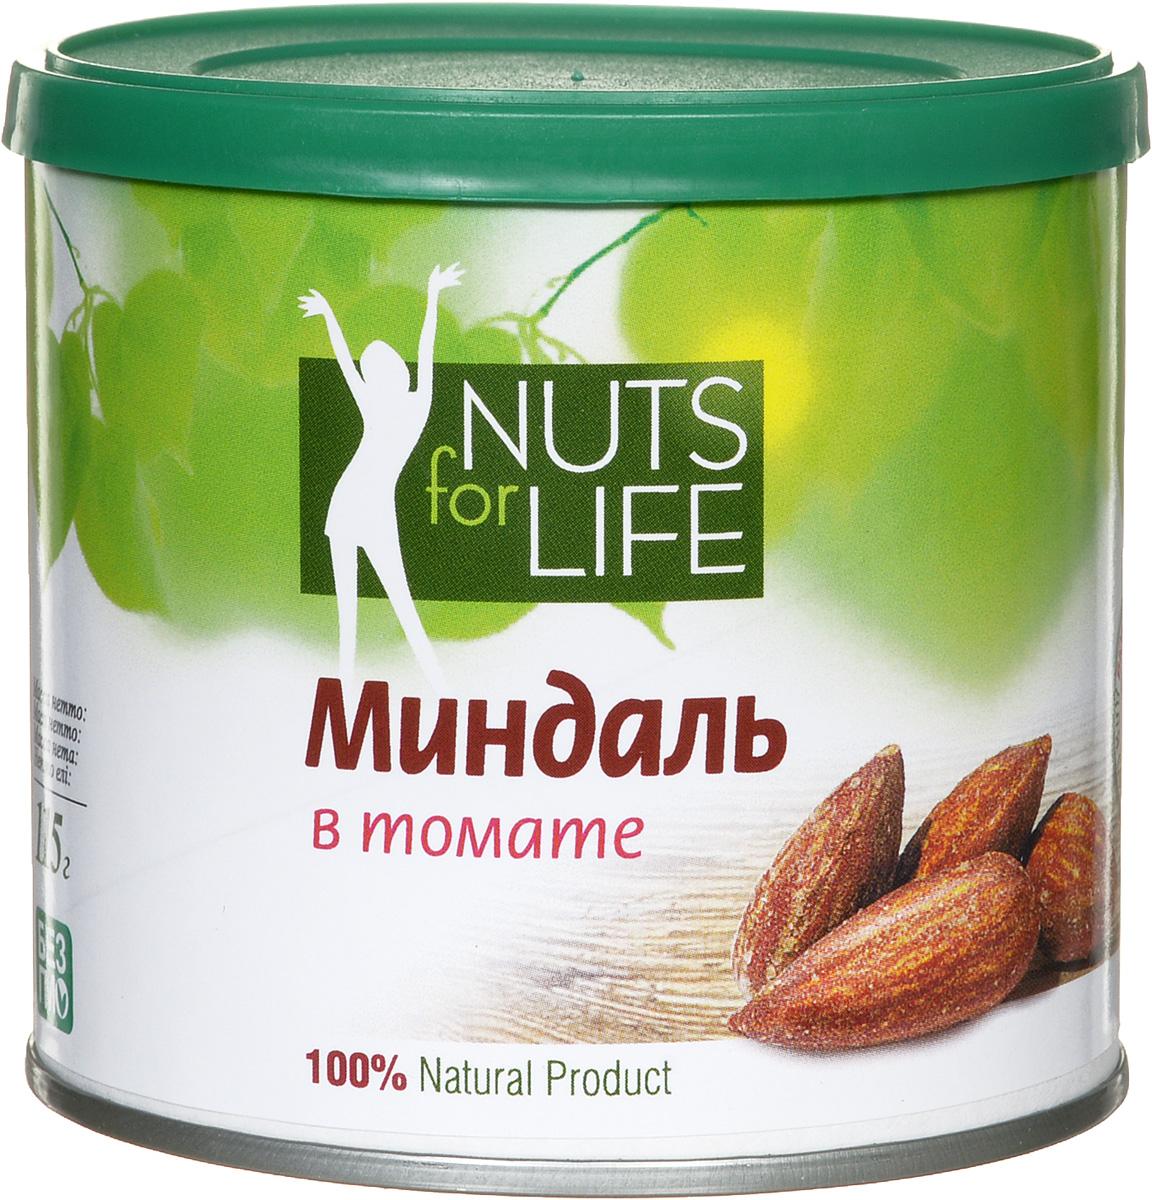 Nuts for Life Миндаль обжаренный соленый в томате, 115 г0120710Превосходный вкус жареного миндаля дополняют чудесные и легкие томаты. Прекрасный летний вкус этого снэка будет радовать вас в любое время и в любом месте. Натуральные высушенные на солнце и перемолотые томаты содержат большое количество антиоксидантов, которые помогут сохранить вашу молодость, а миндаль поможет укрепить сердце, сосуды и зрение!